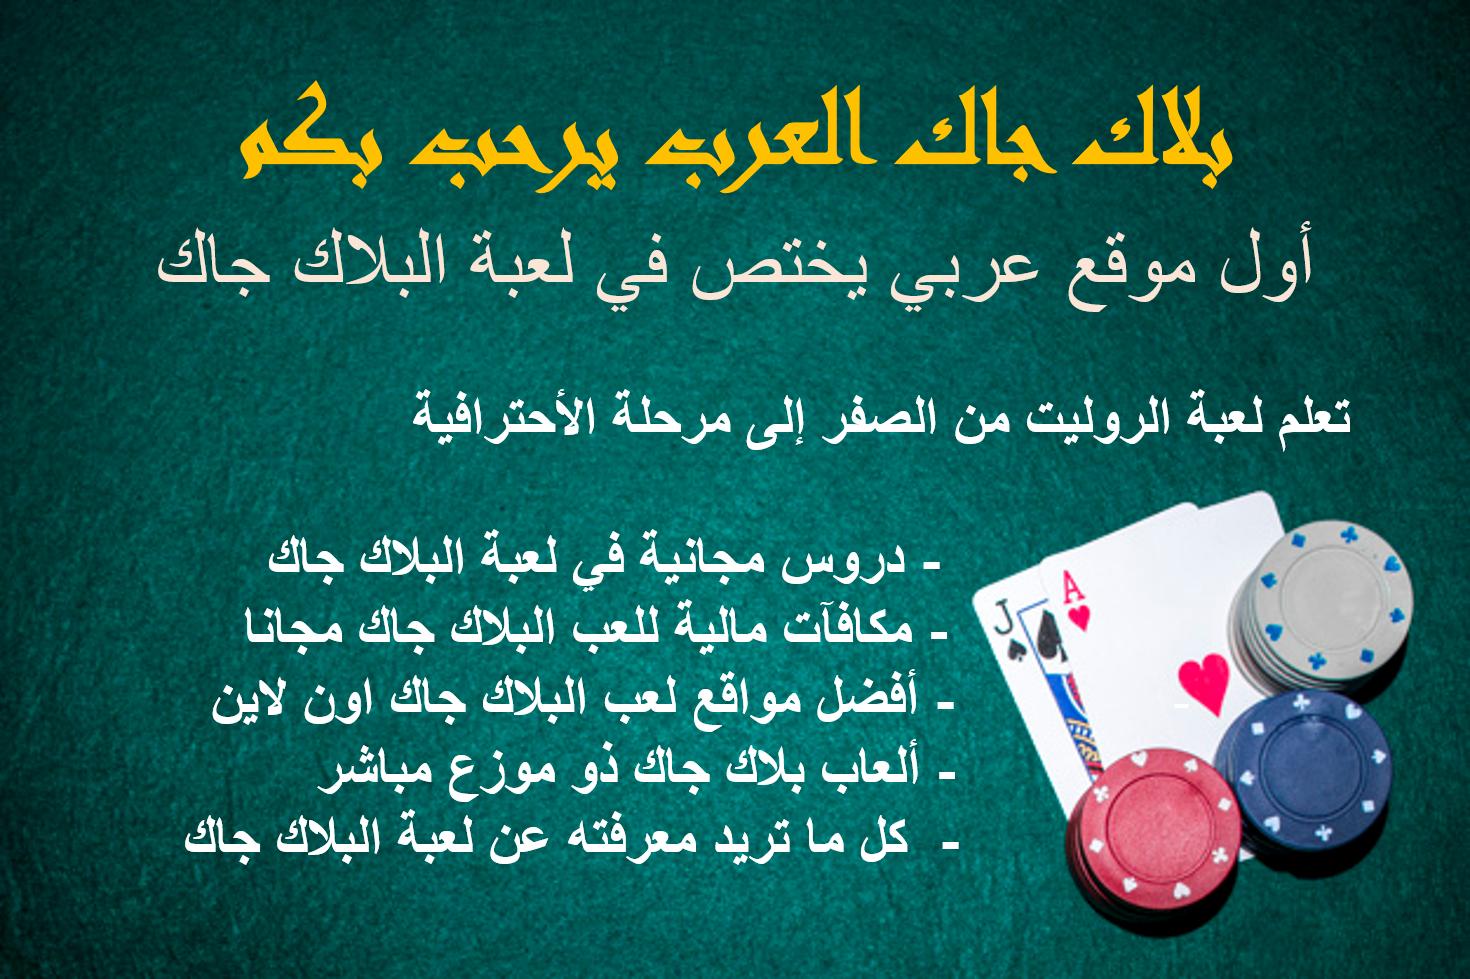 كازينو العرب - 67977